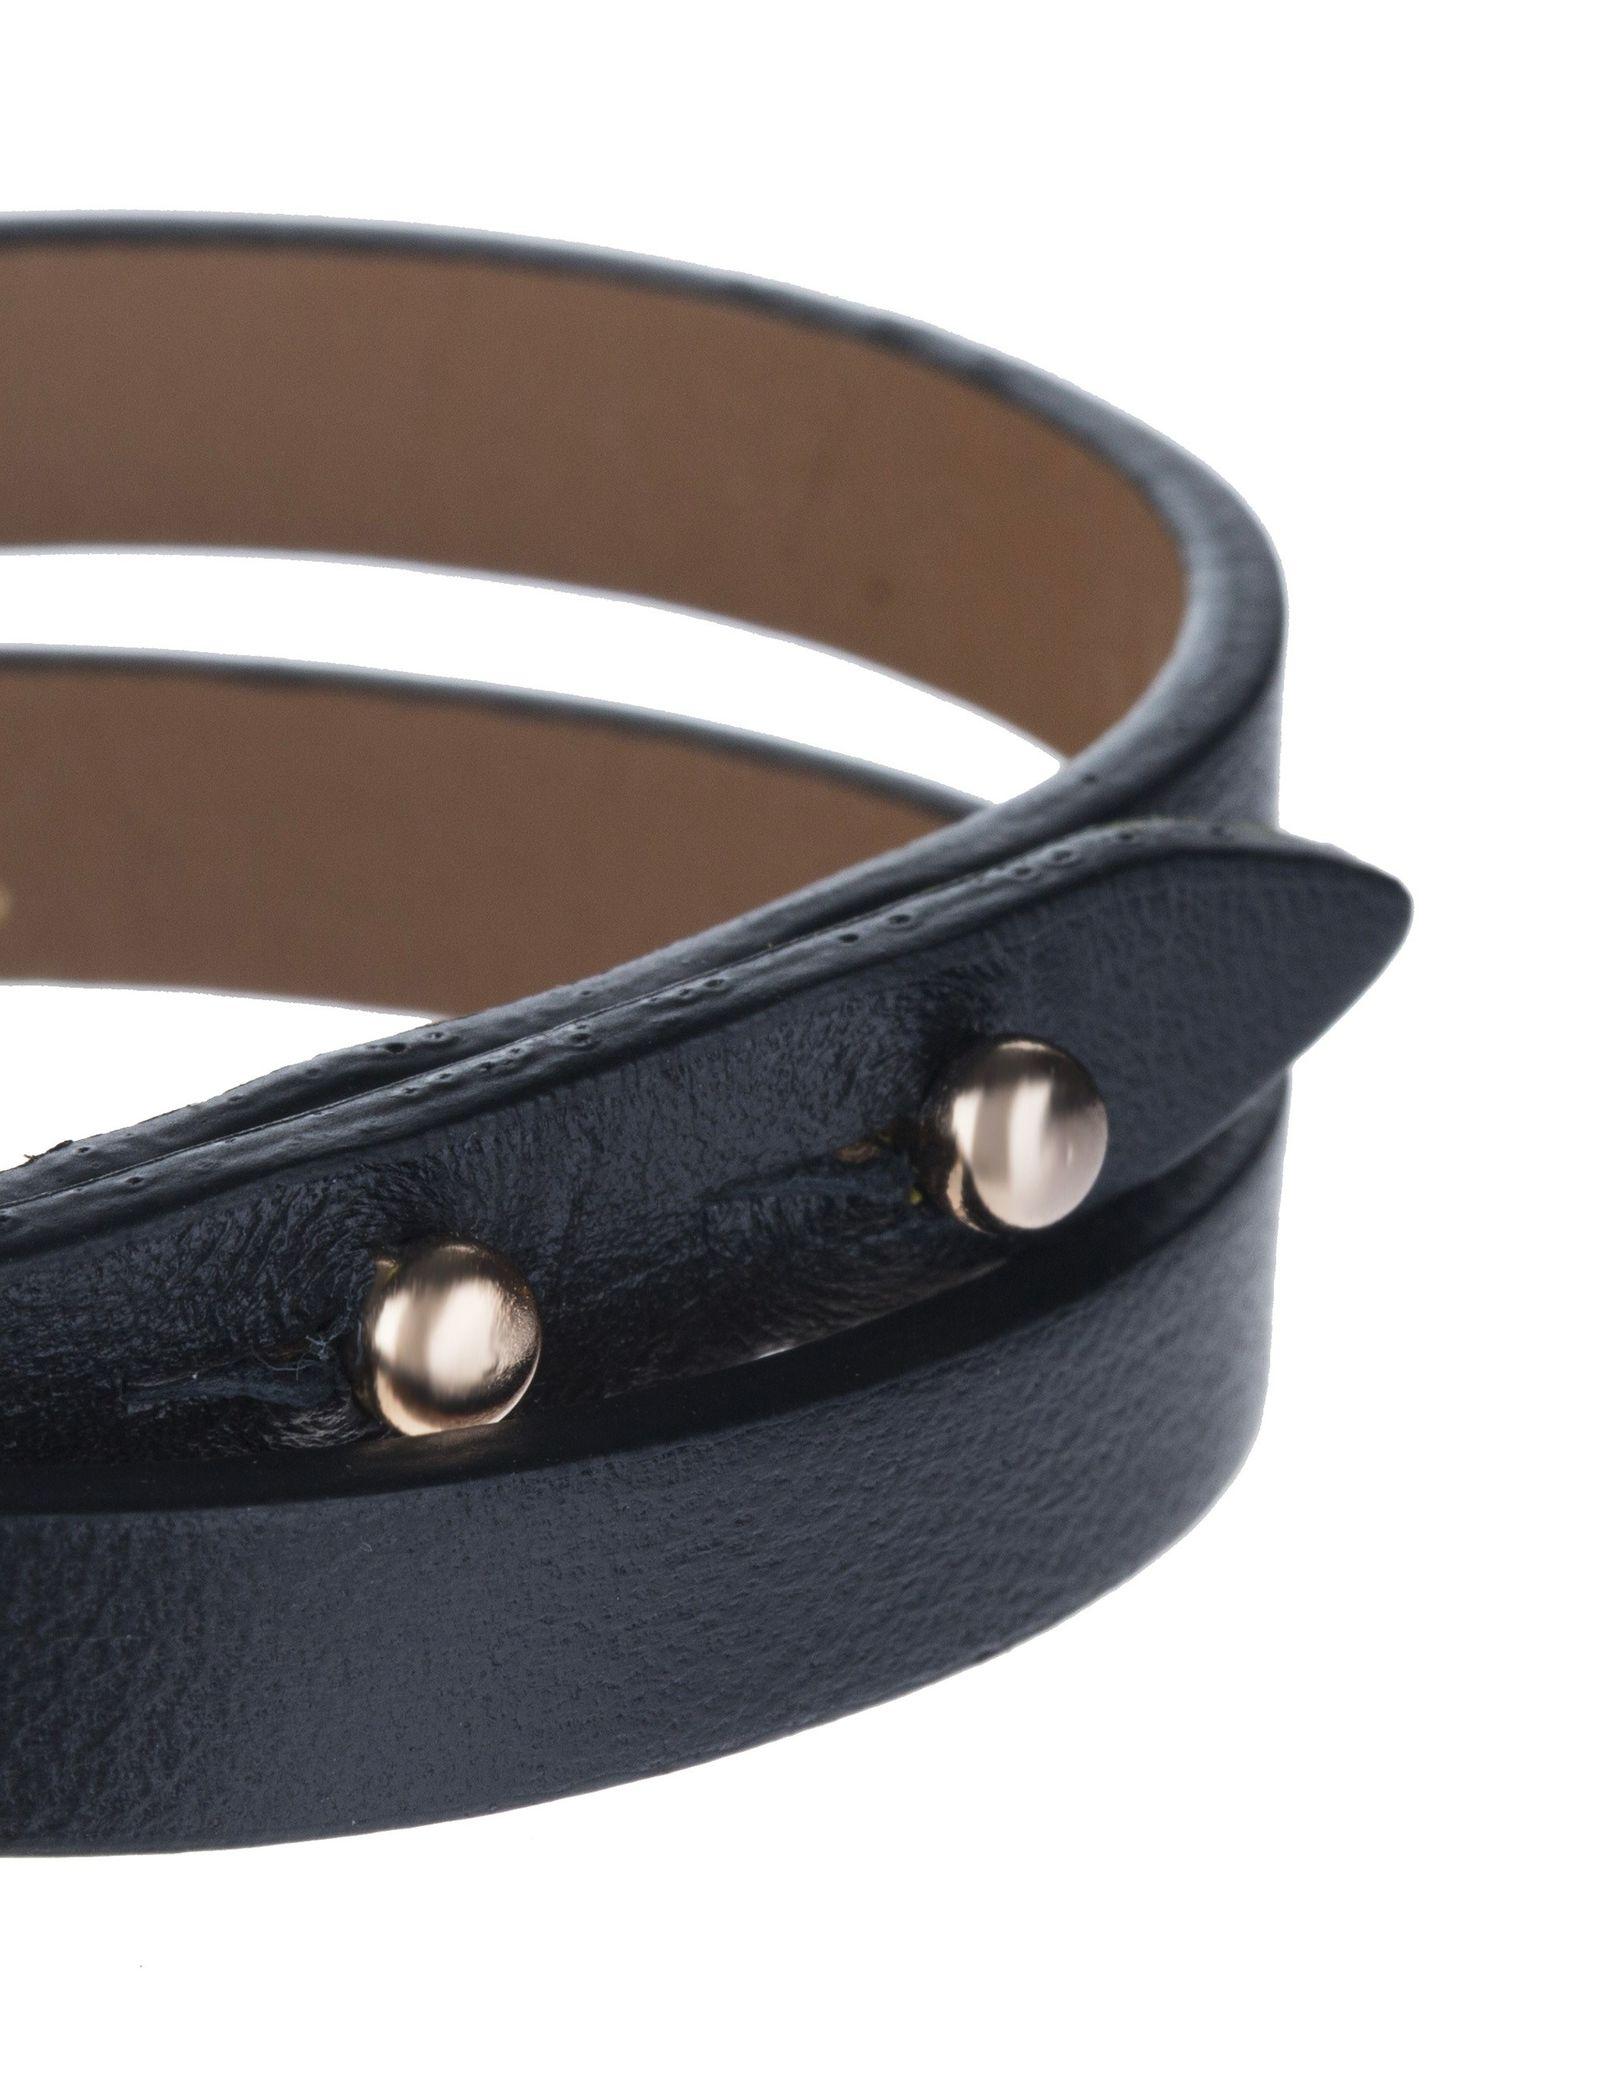 دستبند طلا زنانه - درسا -  - 3